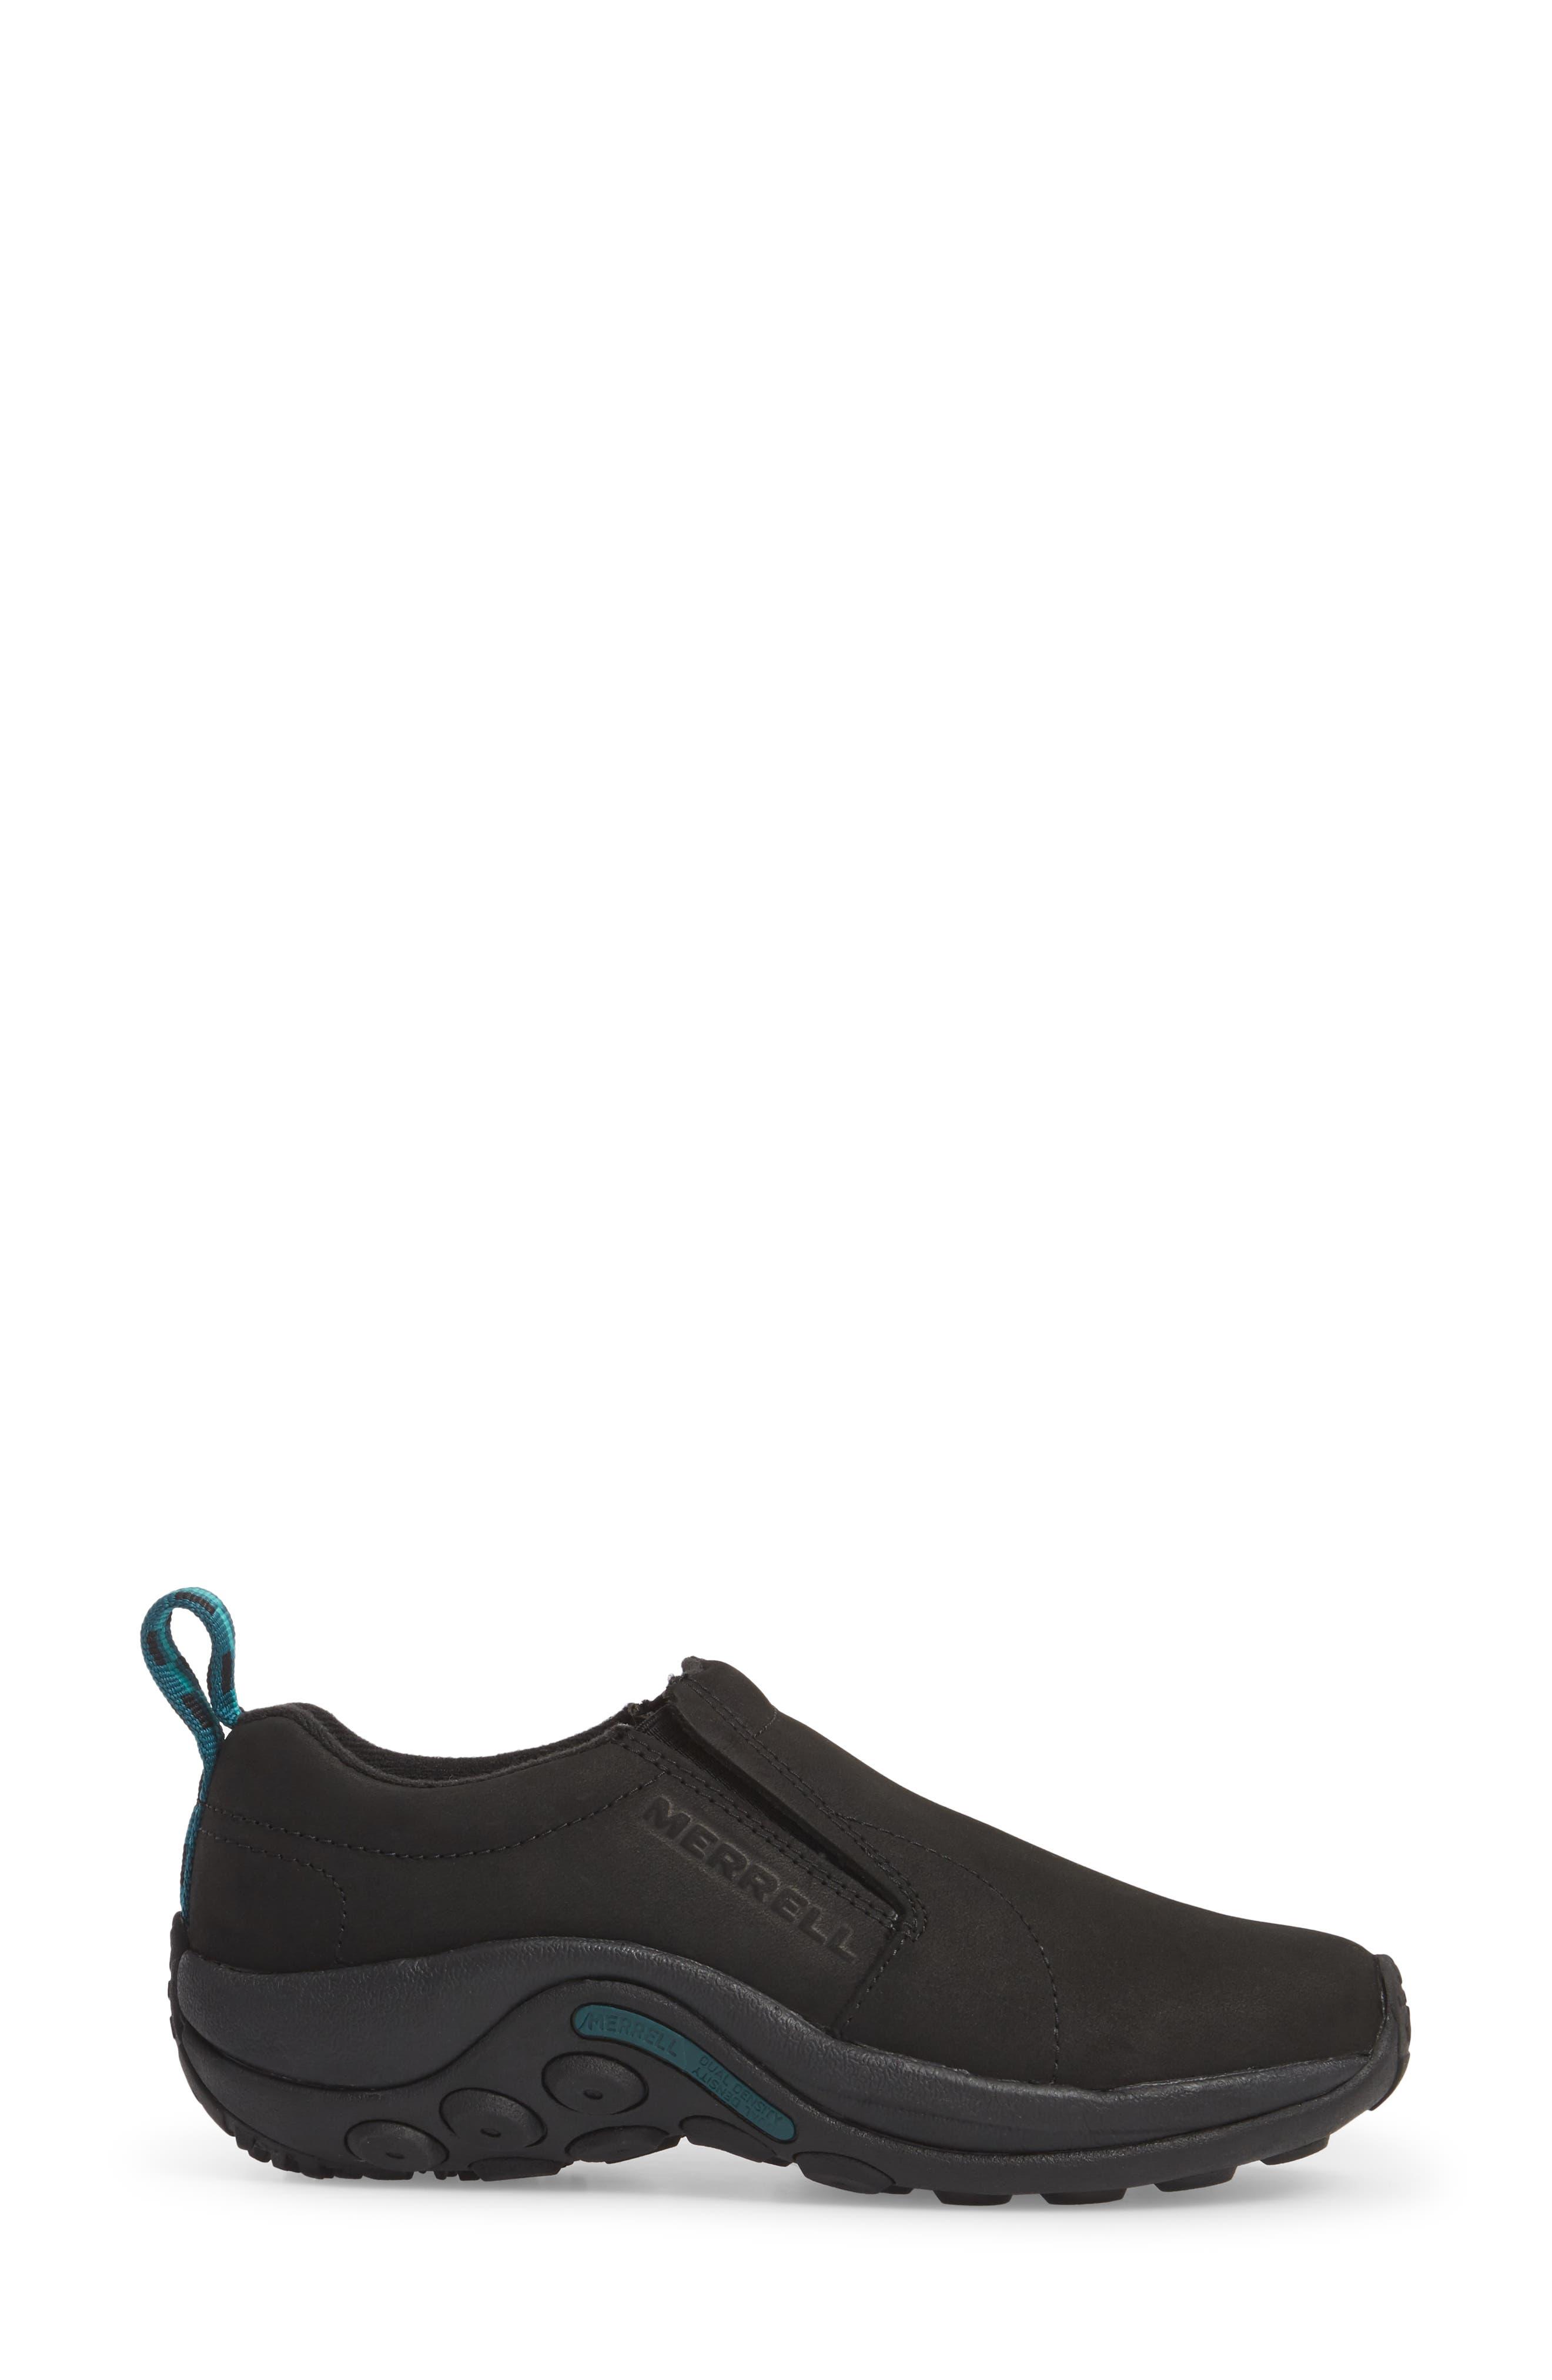 Jungle Moc Nubuck Sneaker,                             Alternate thumbnail 3, color,                             BLACK LEATHER